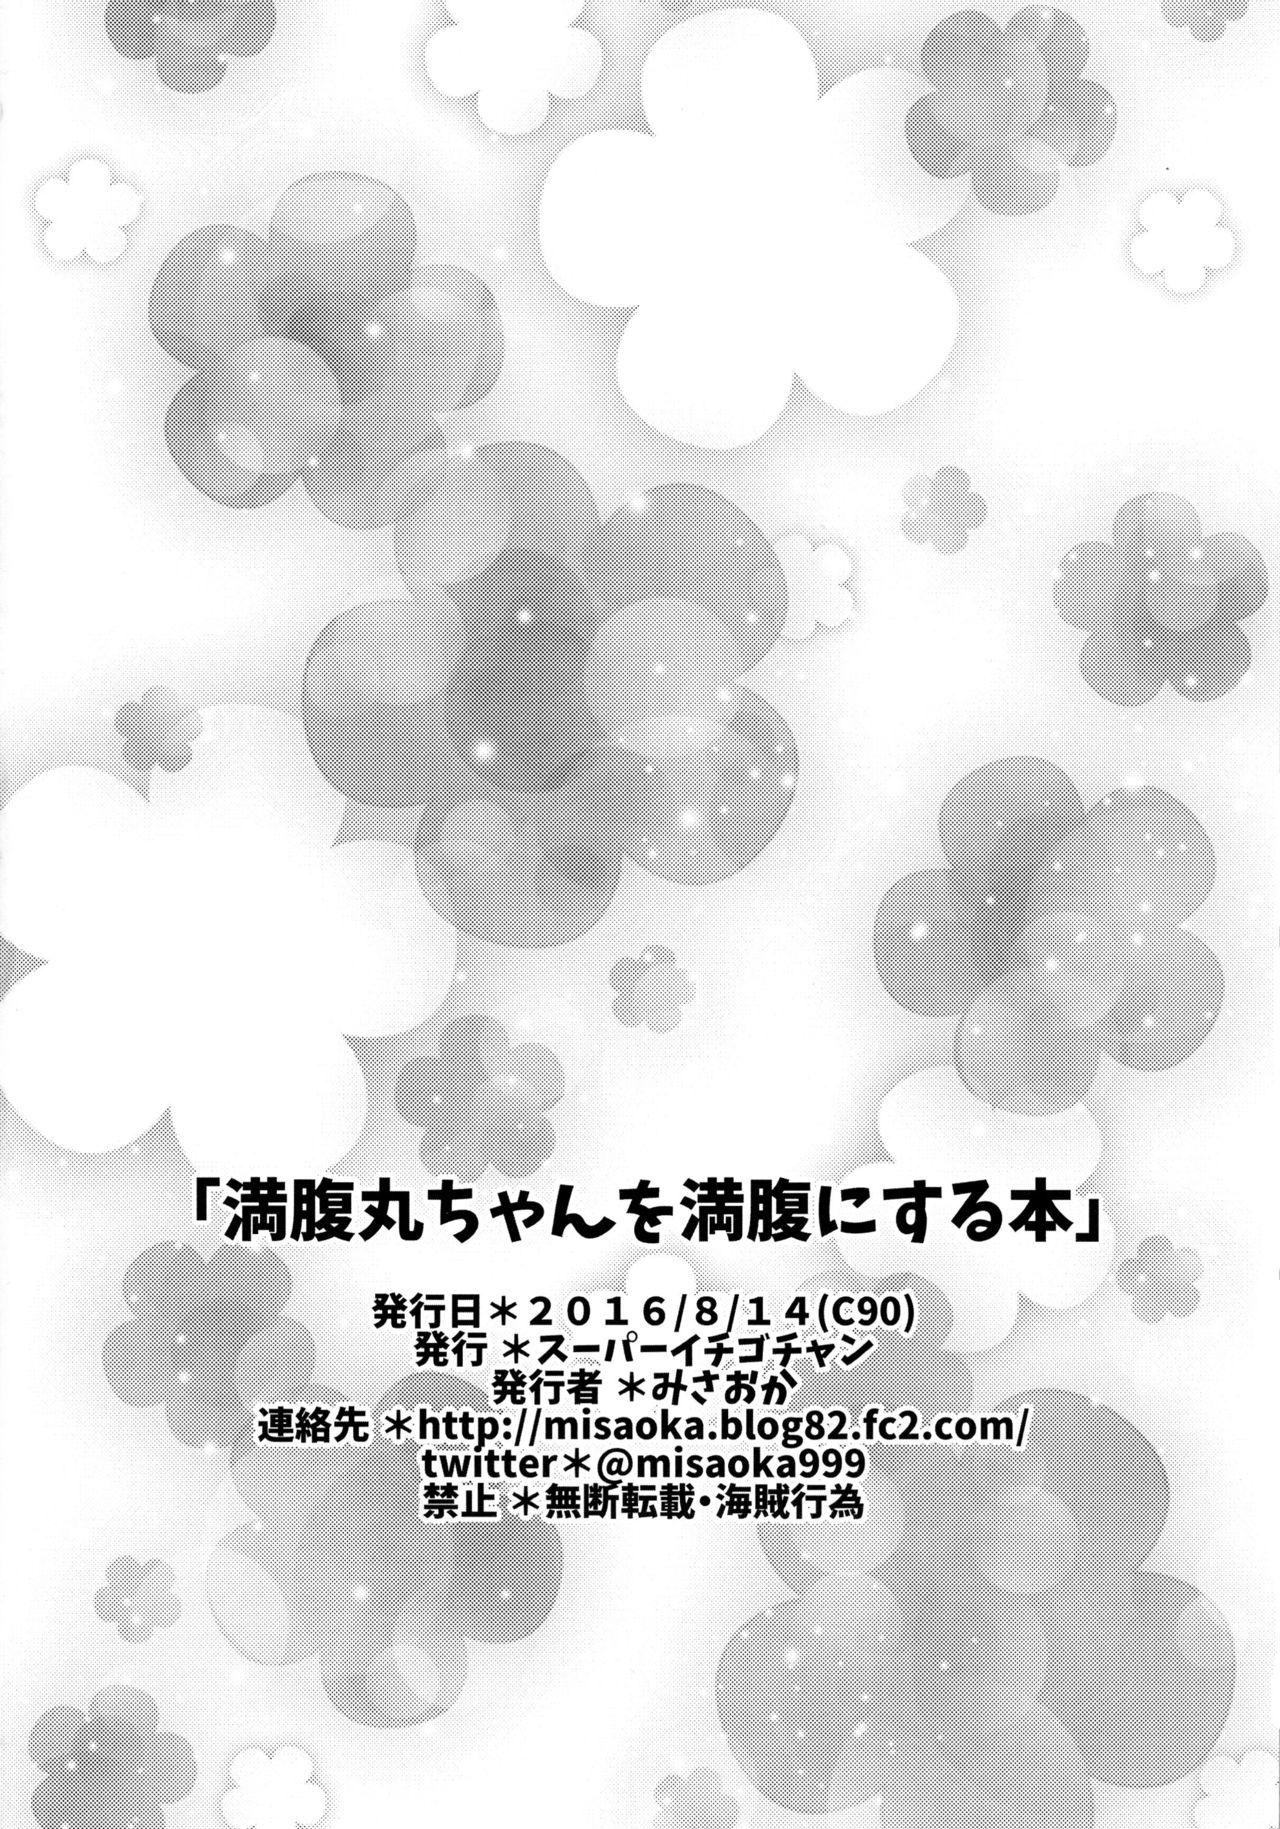 Manpukumaru-chan o Manpuku ni suru Hon 20